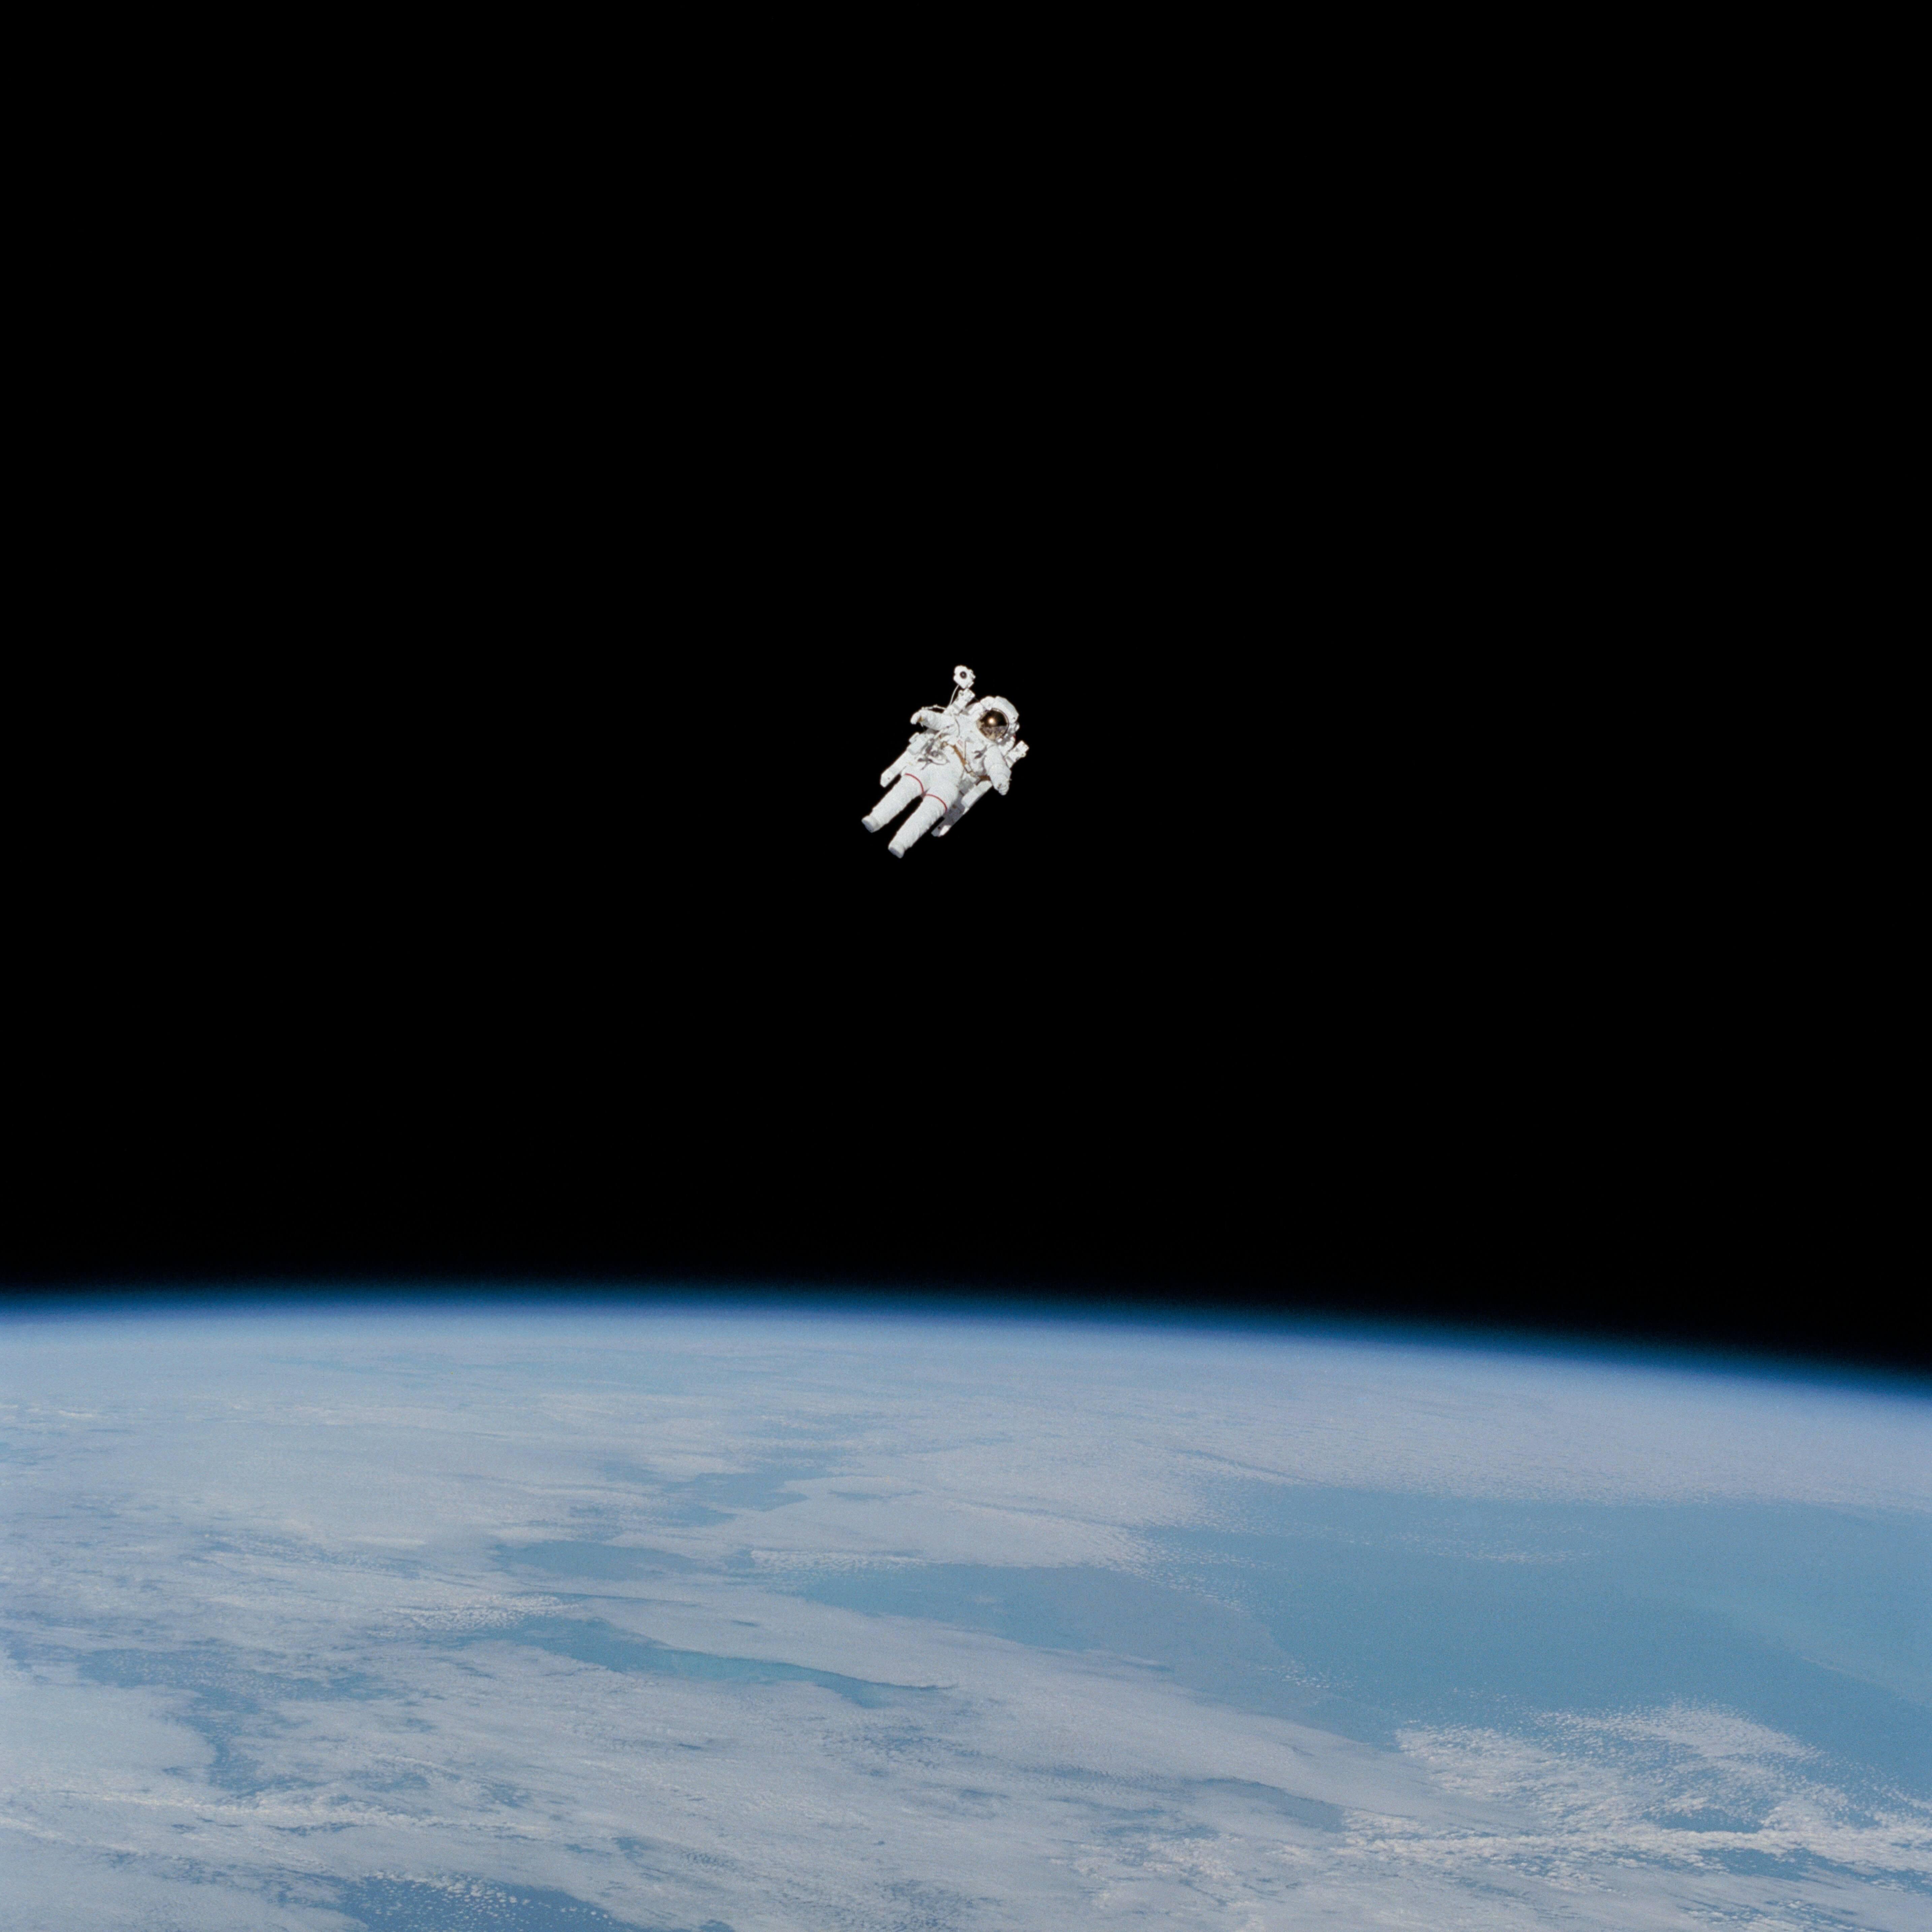 astronaut-nasa-s